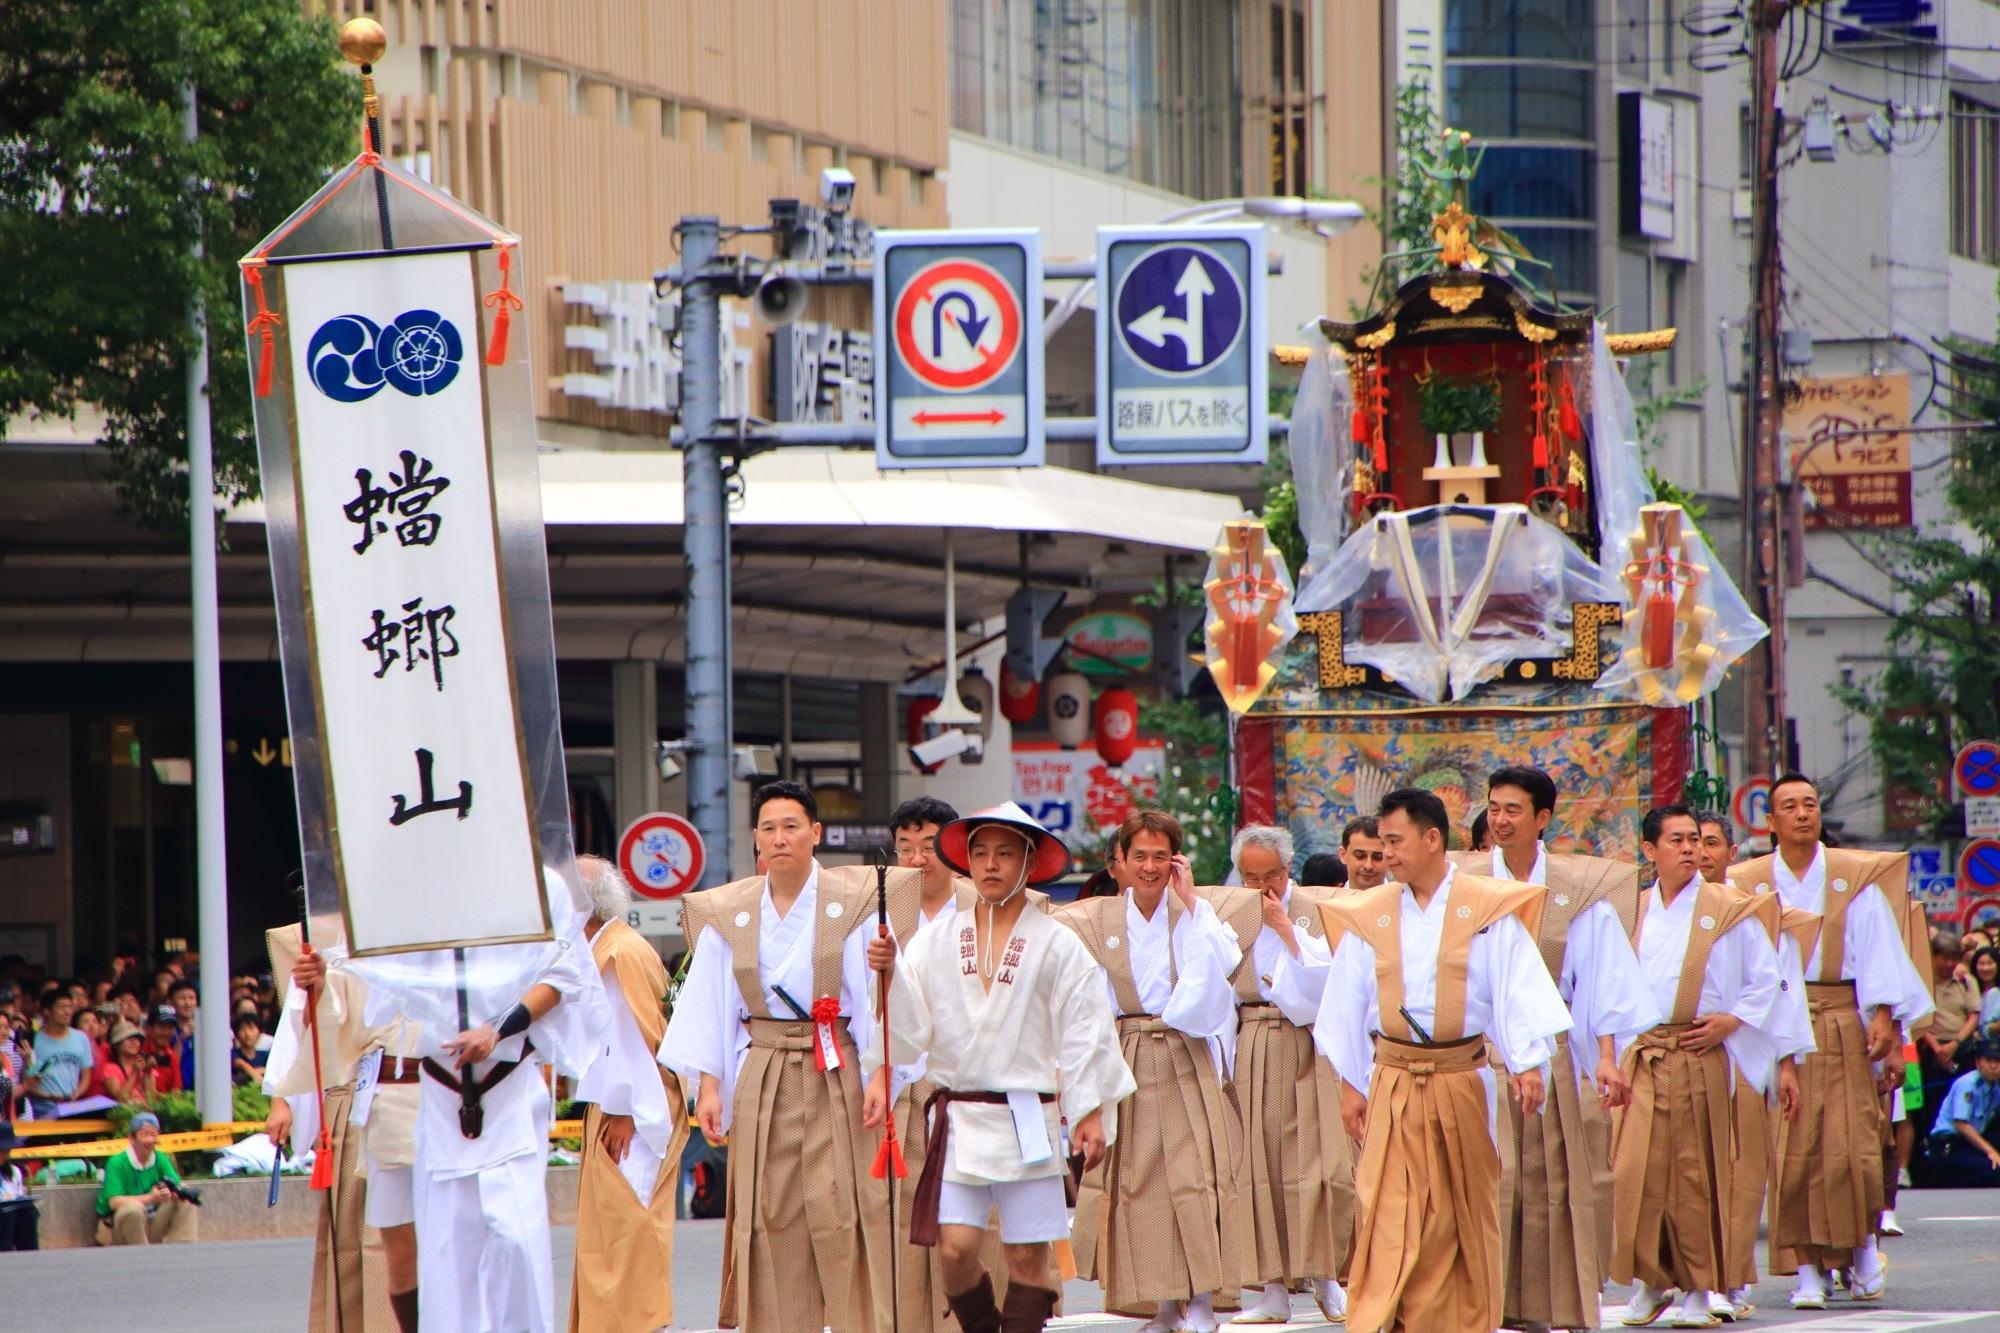 祇園祭の山鉾巡行の人気の蟷螂山(かまきり山)